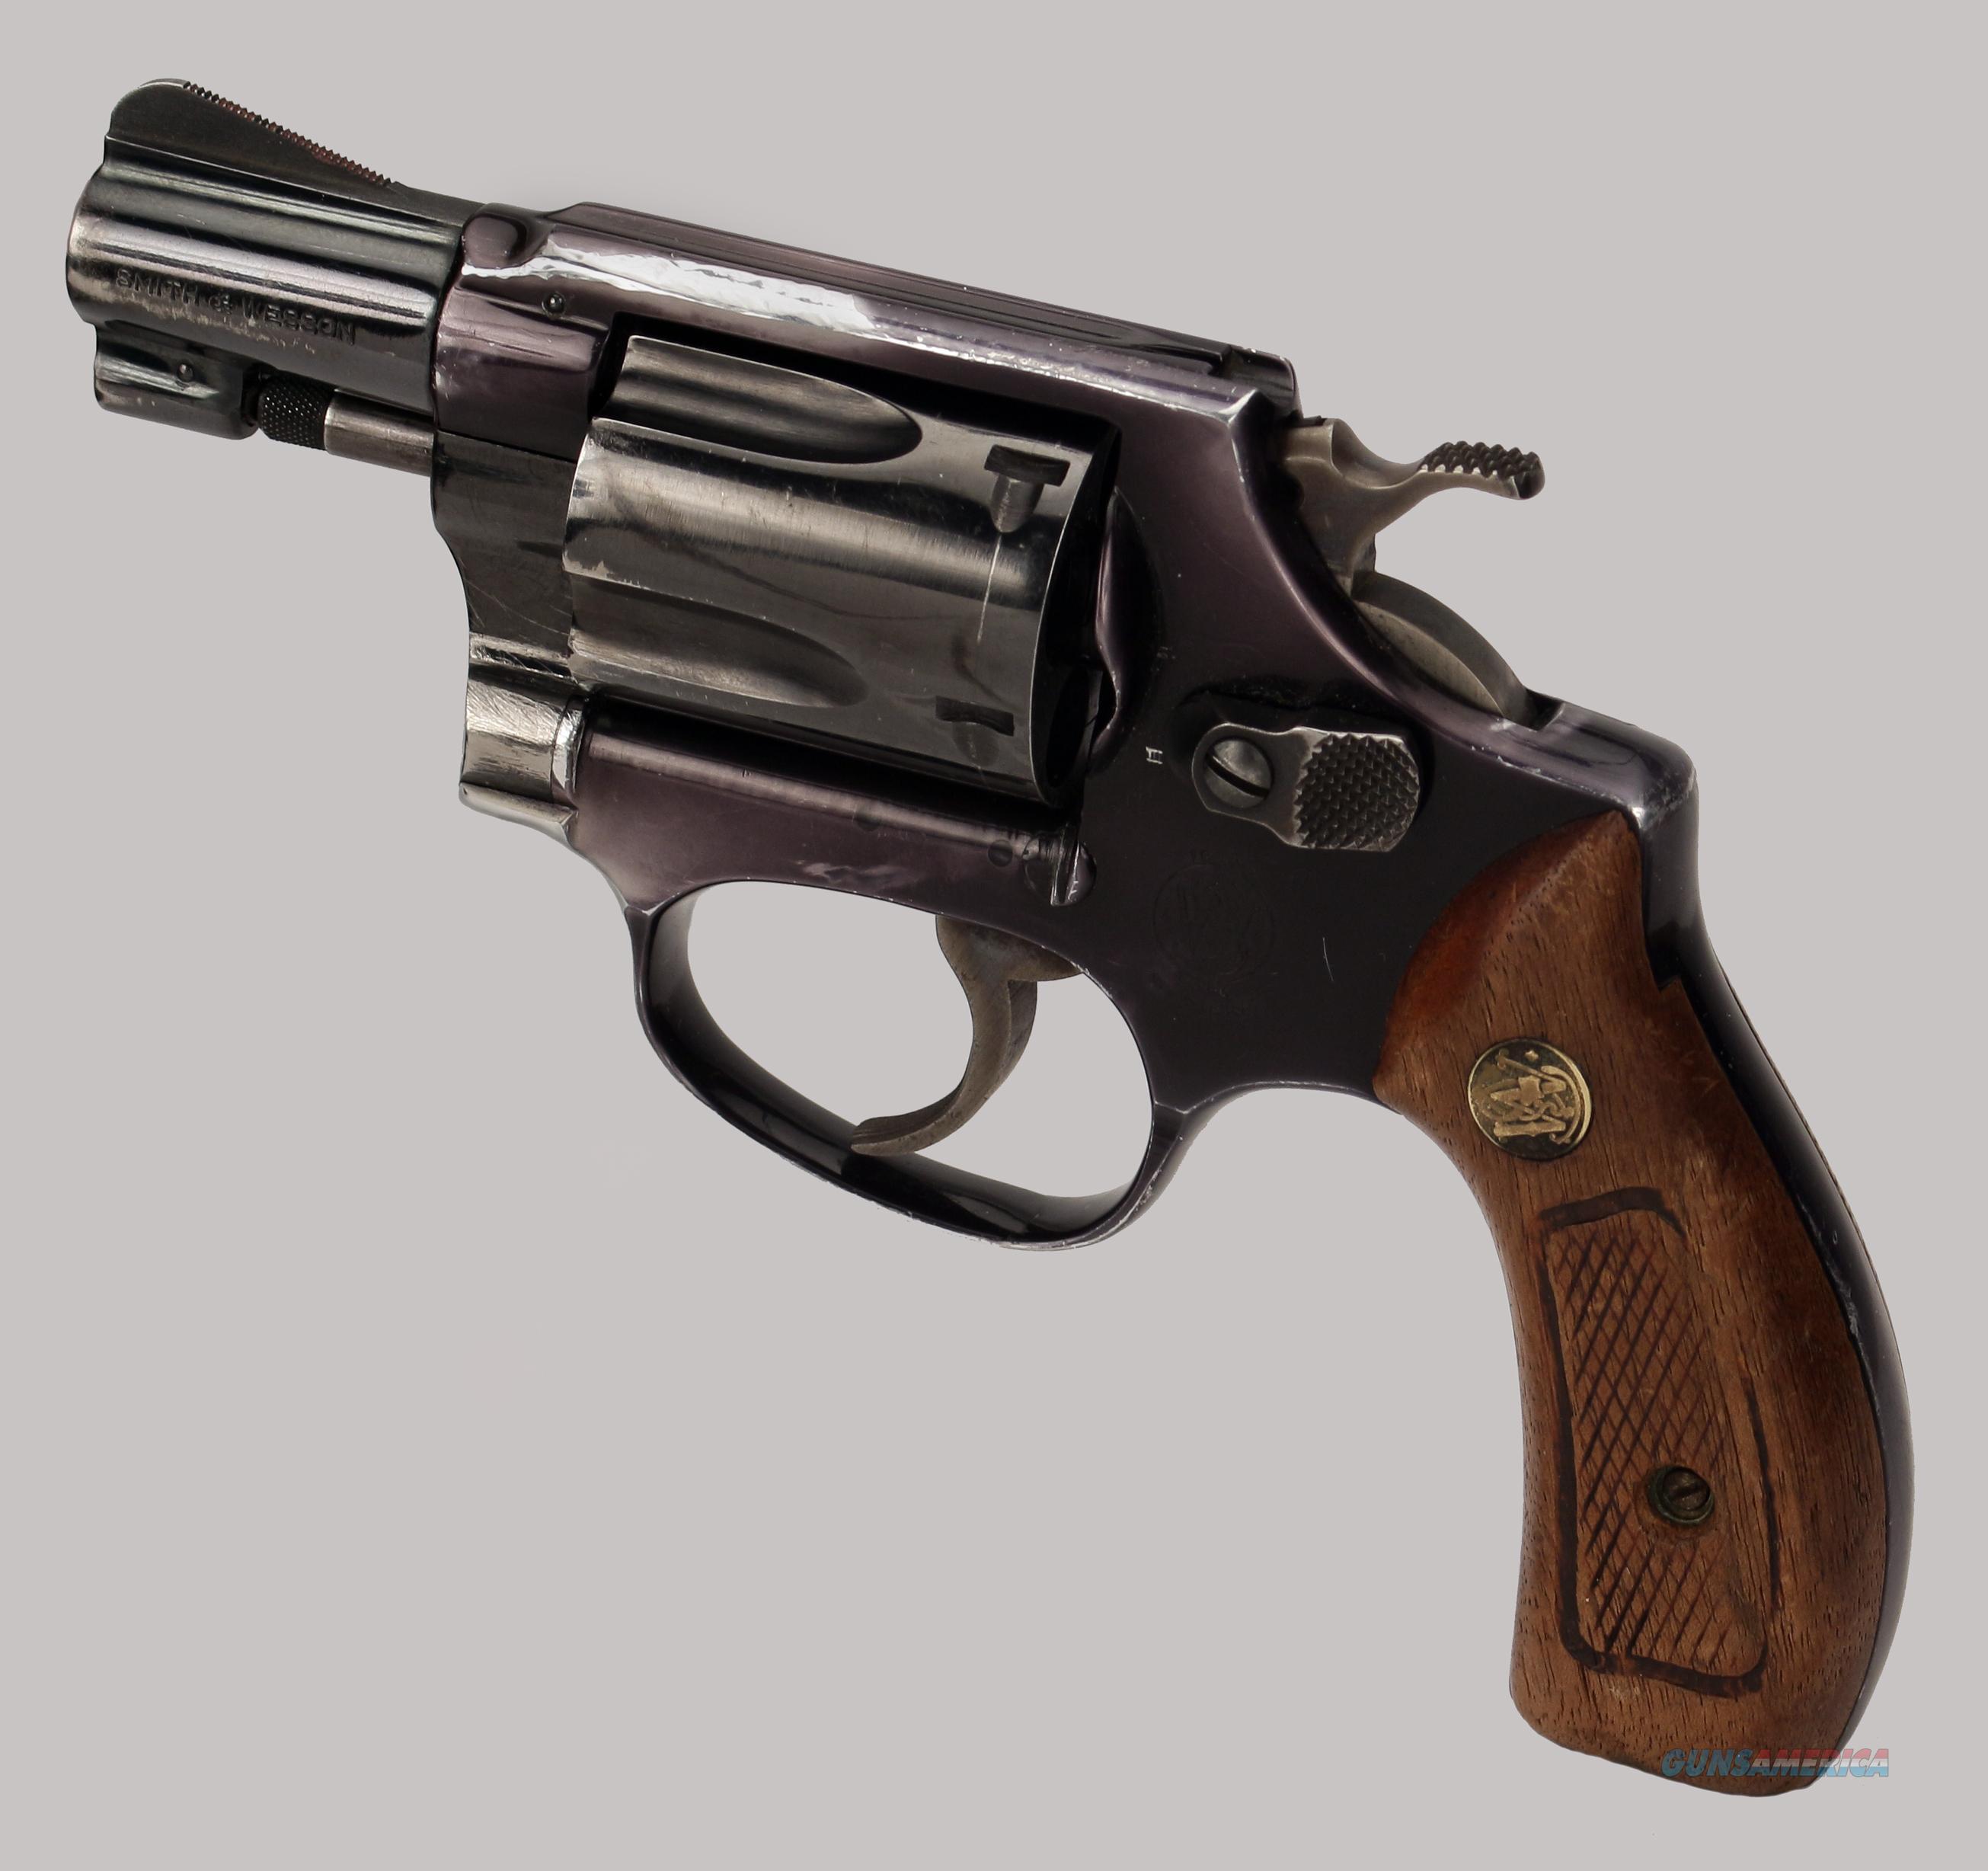 Картинки револьверов смит вессон